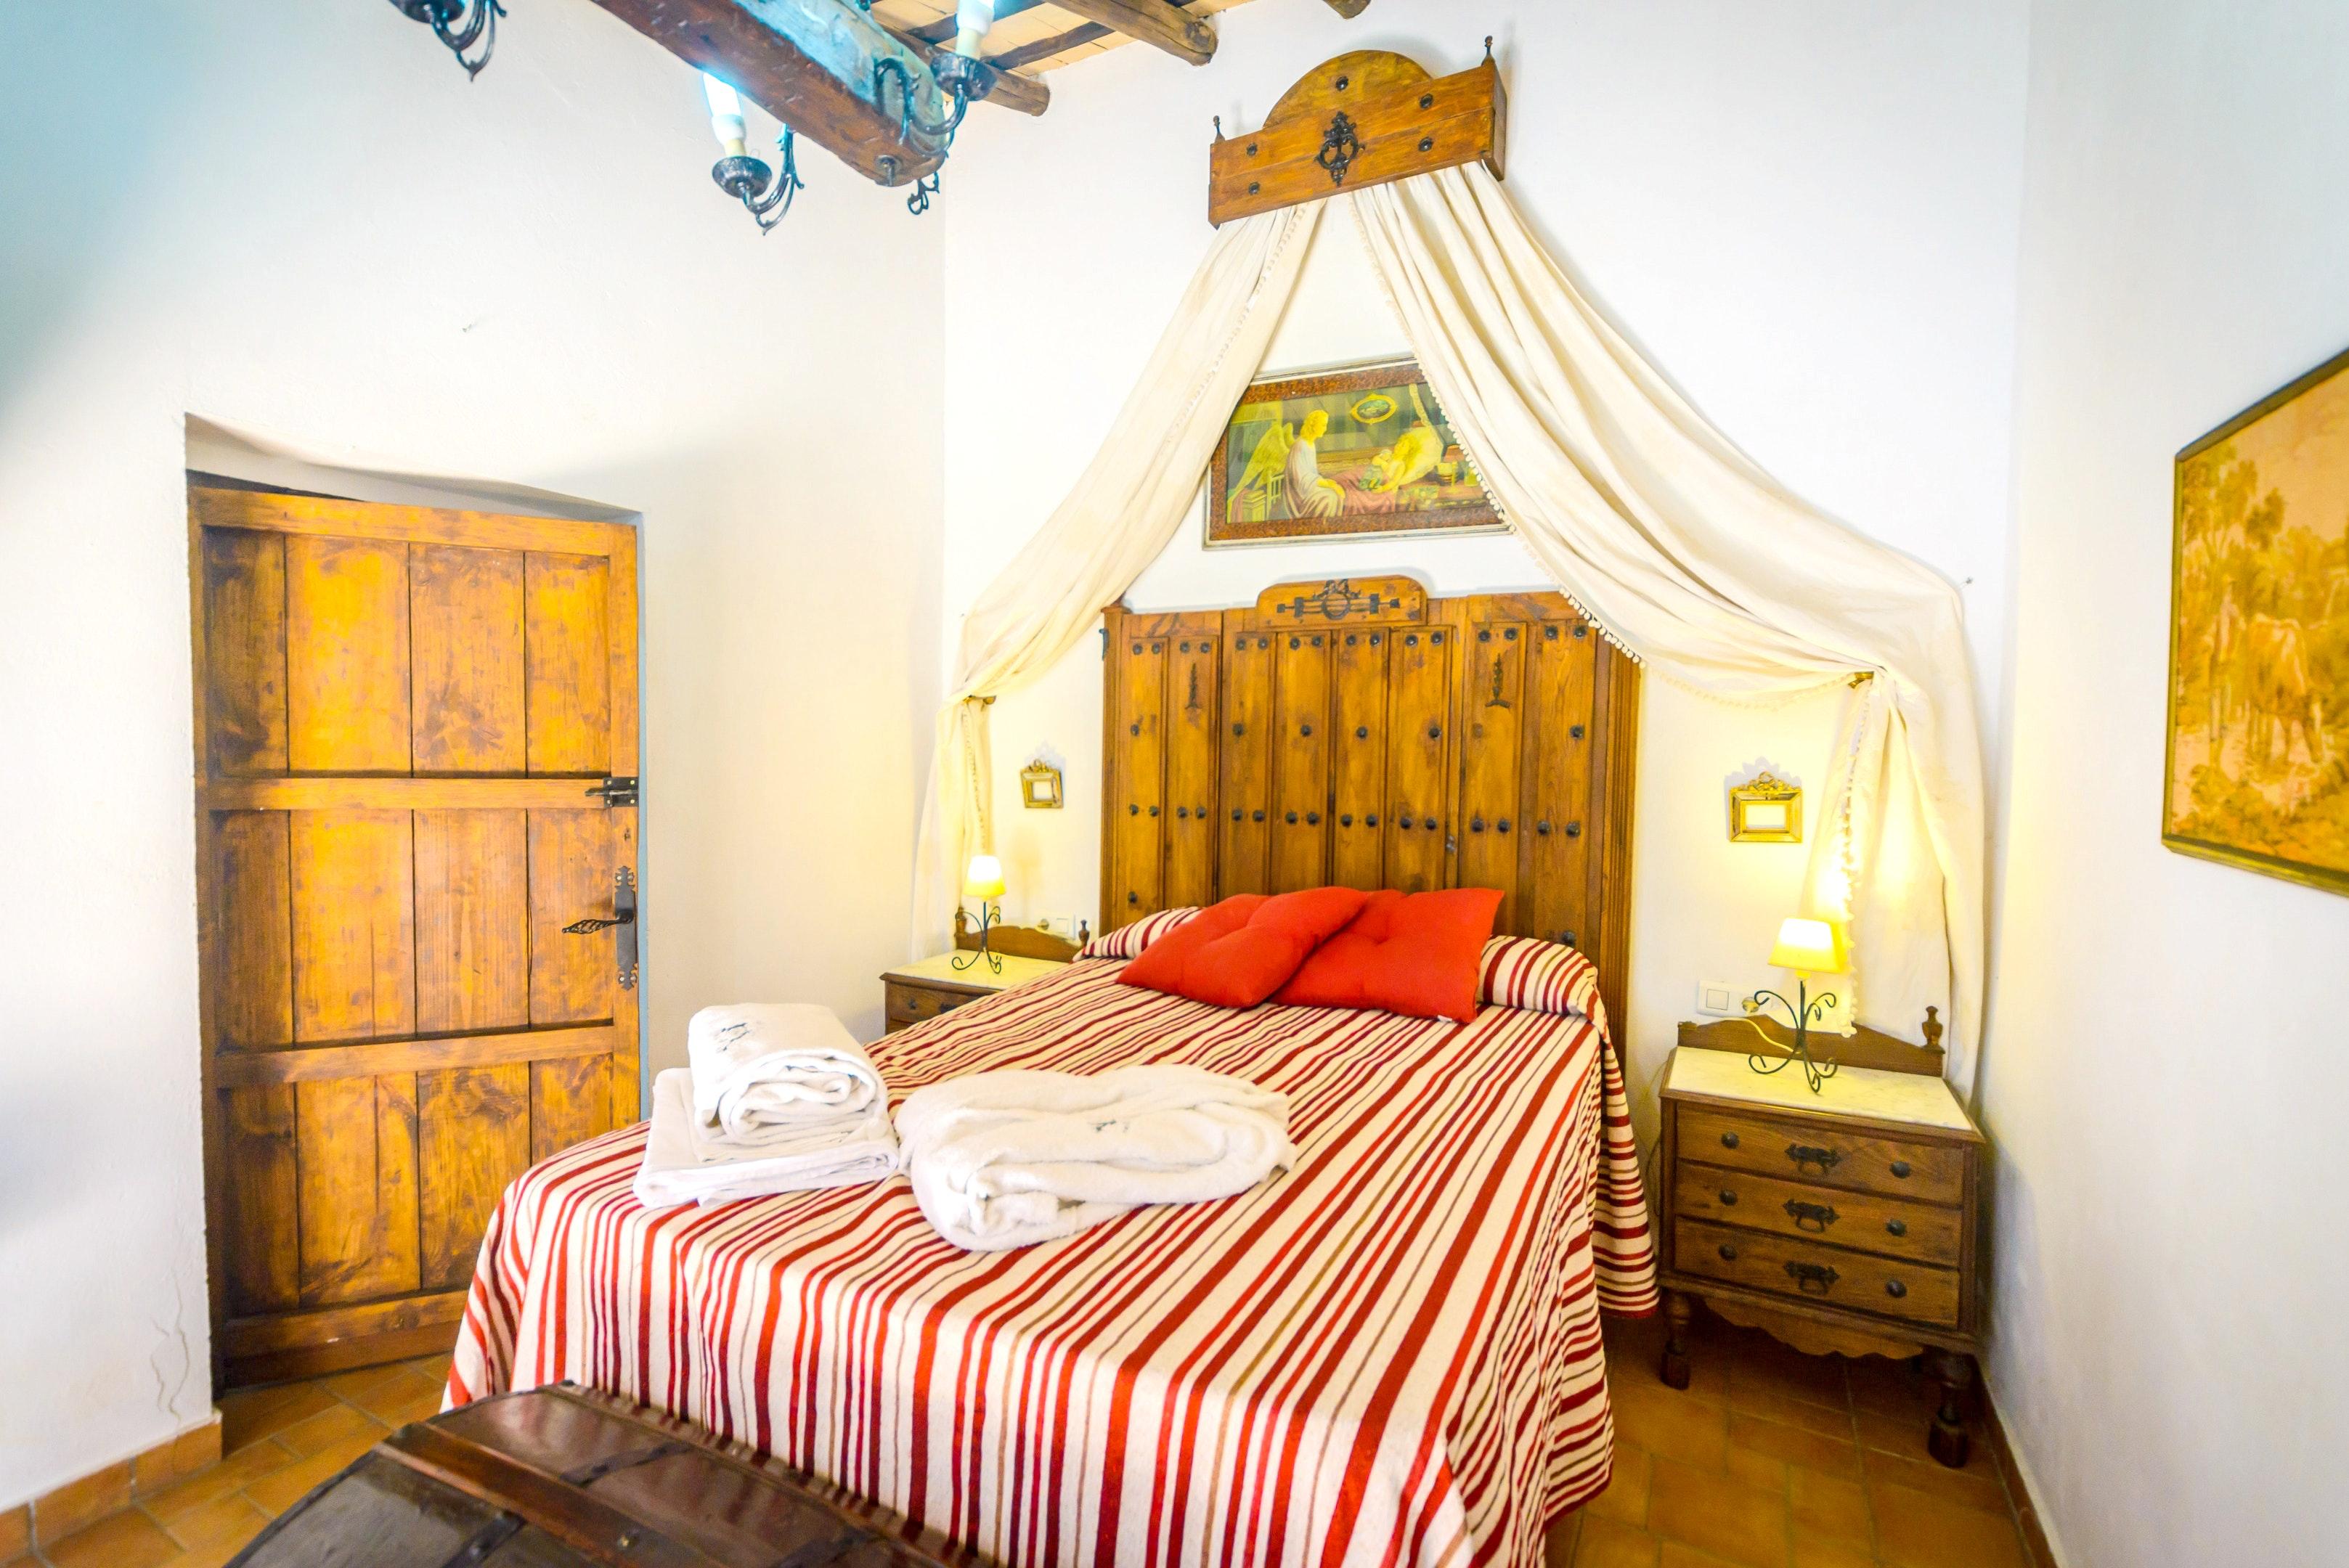 Ferienhaus Villa mit 3 Schlafzimmern in Peñaflor mit privatem Pool, eingezäuntem Garten und W-LAN (2208249), Peñaflor, Sevilla, Andalusien, Spanien, Bild 23